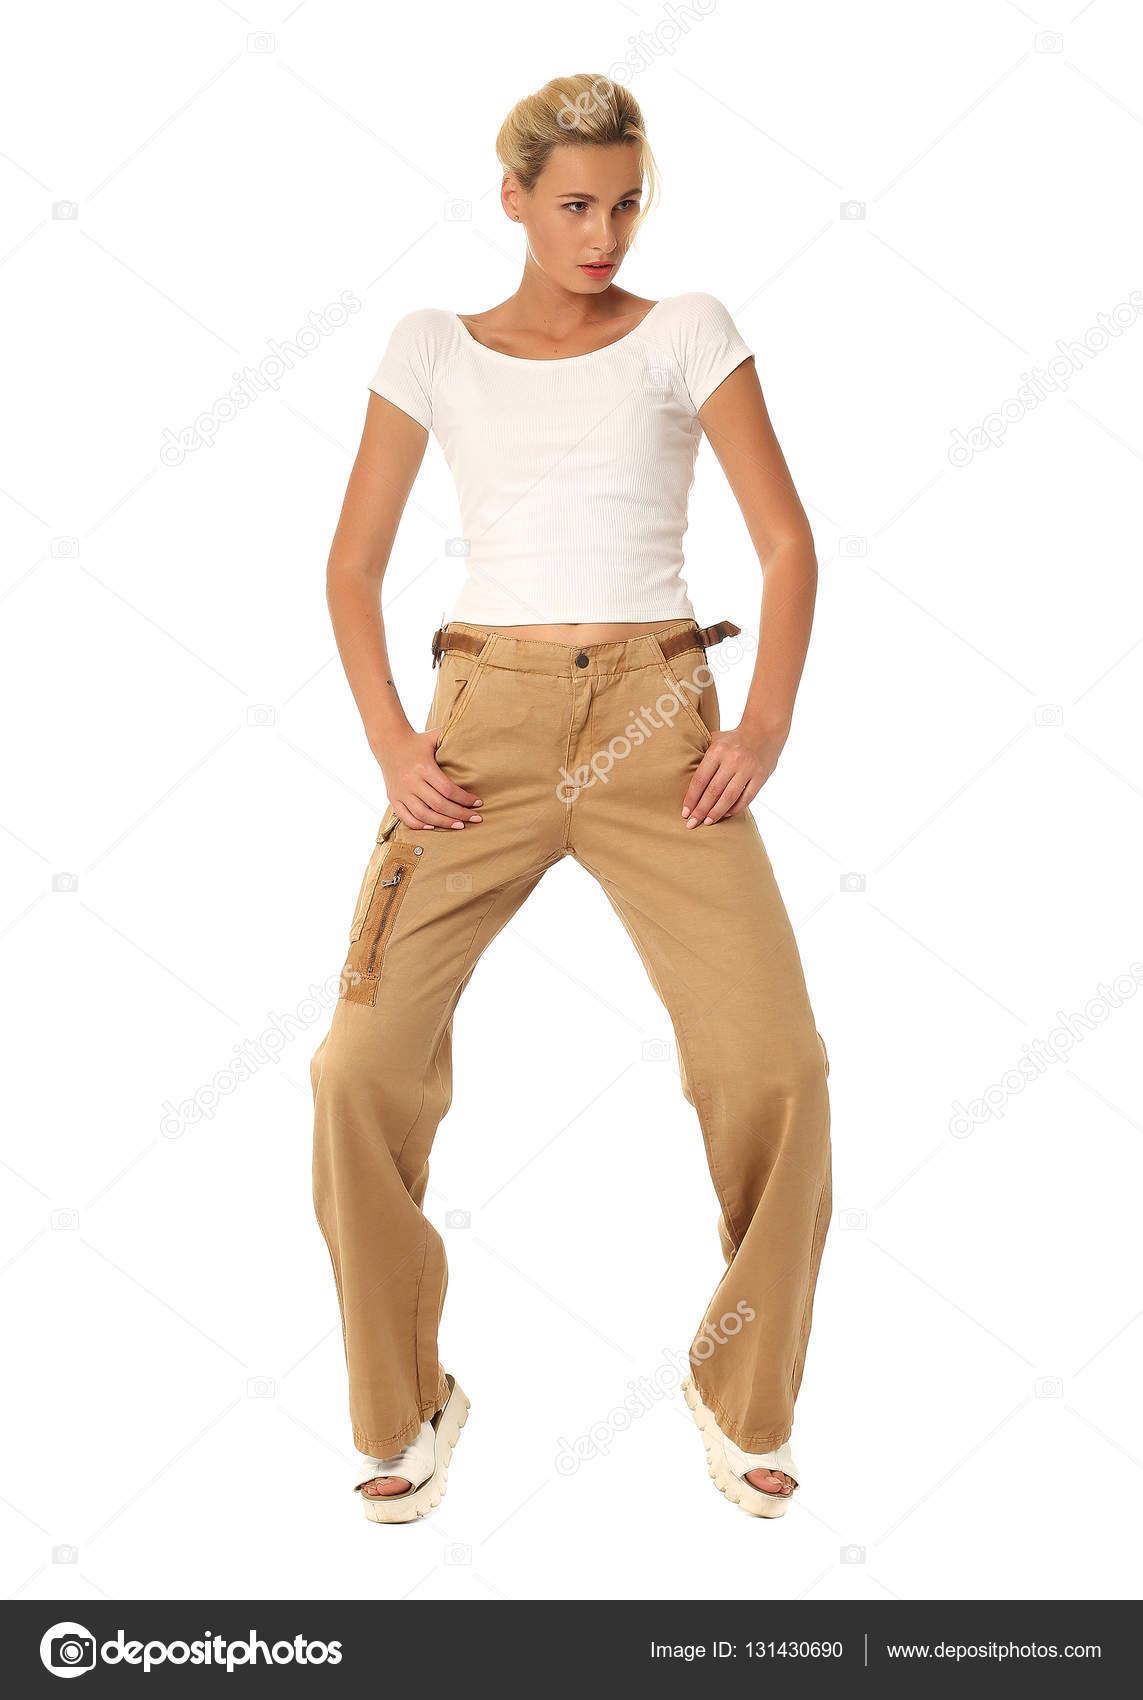 suchen viel rabatt genießen modernes Design Portrait von modischen jungen Model in braune Hose gekleidet ...